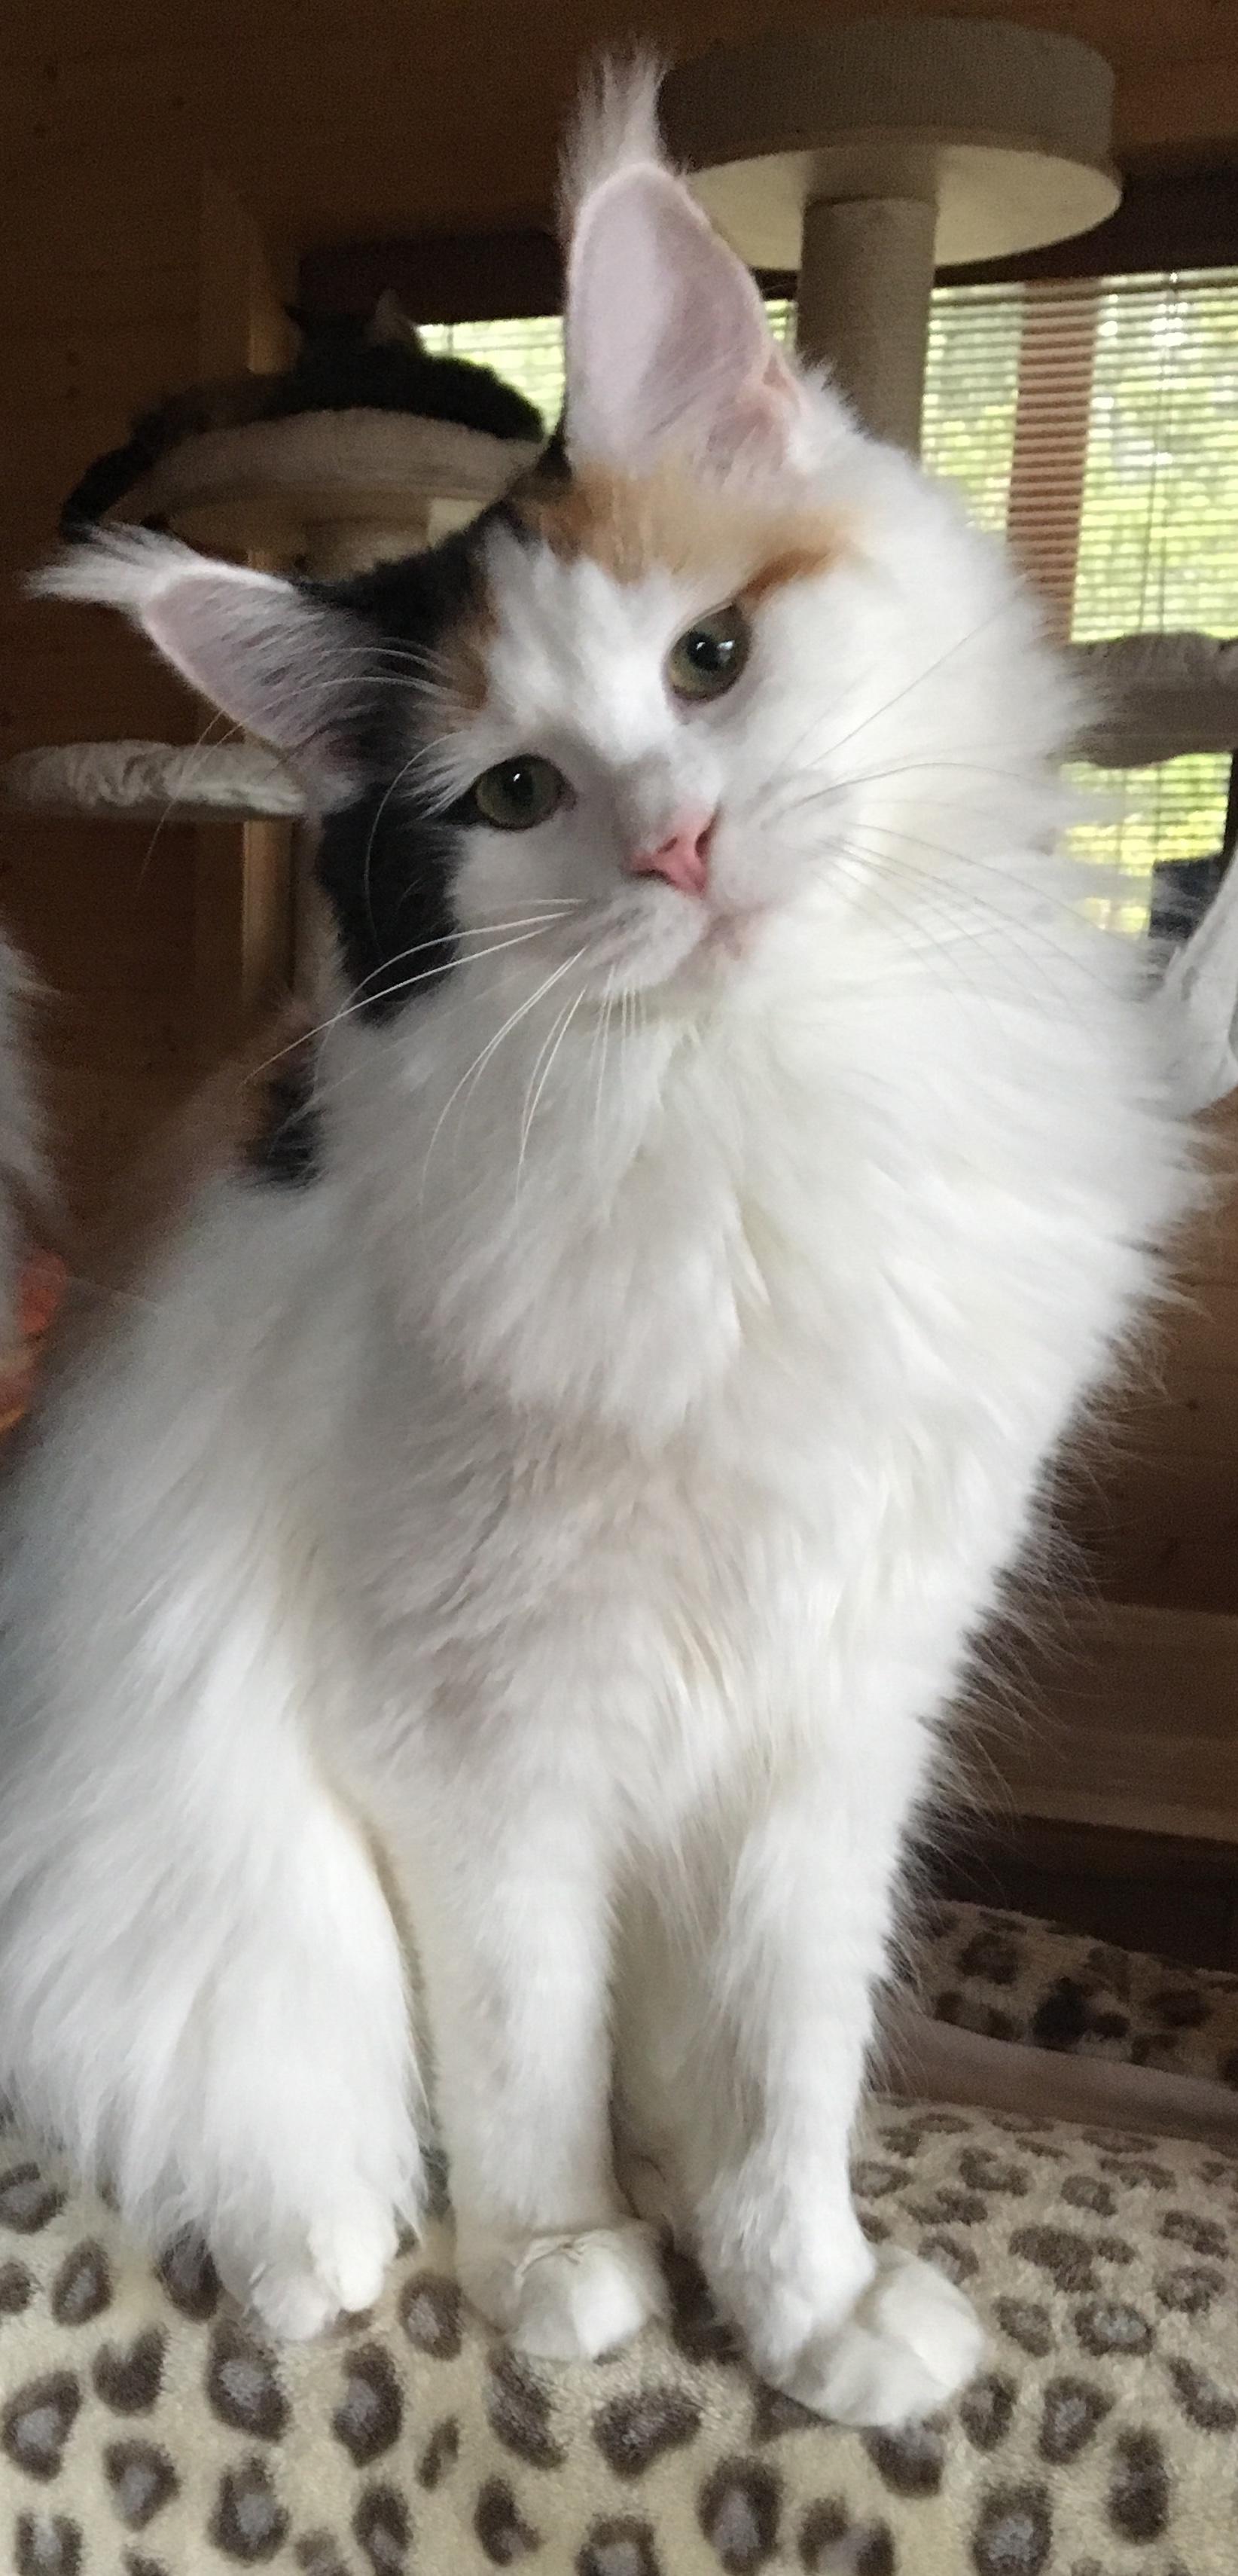 fotka kočky Cara Nikk von Erillian,CZ